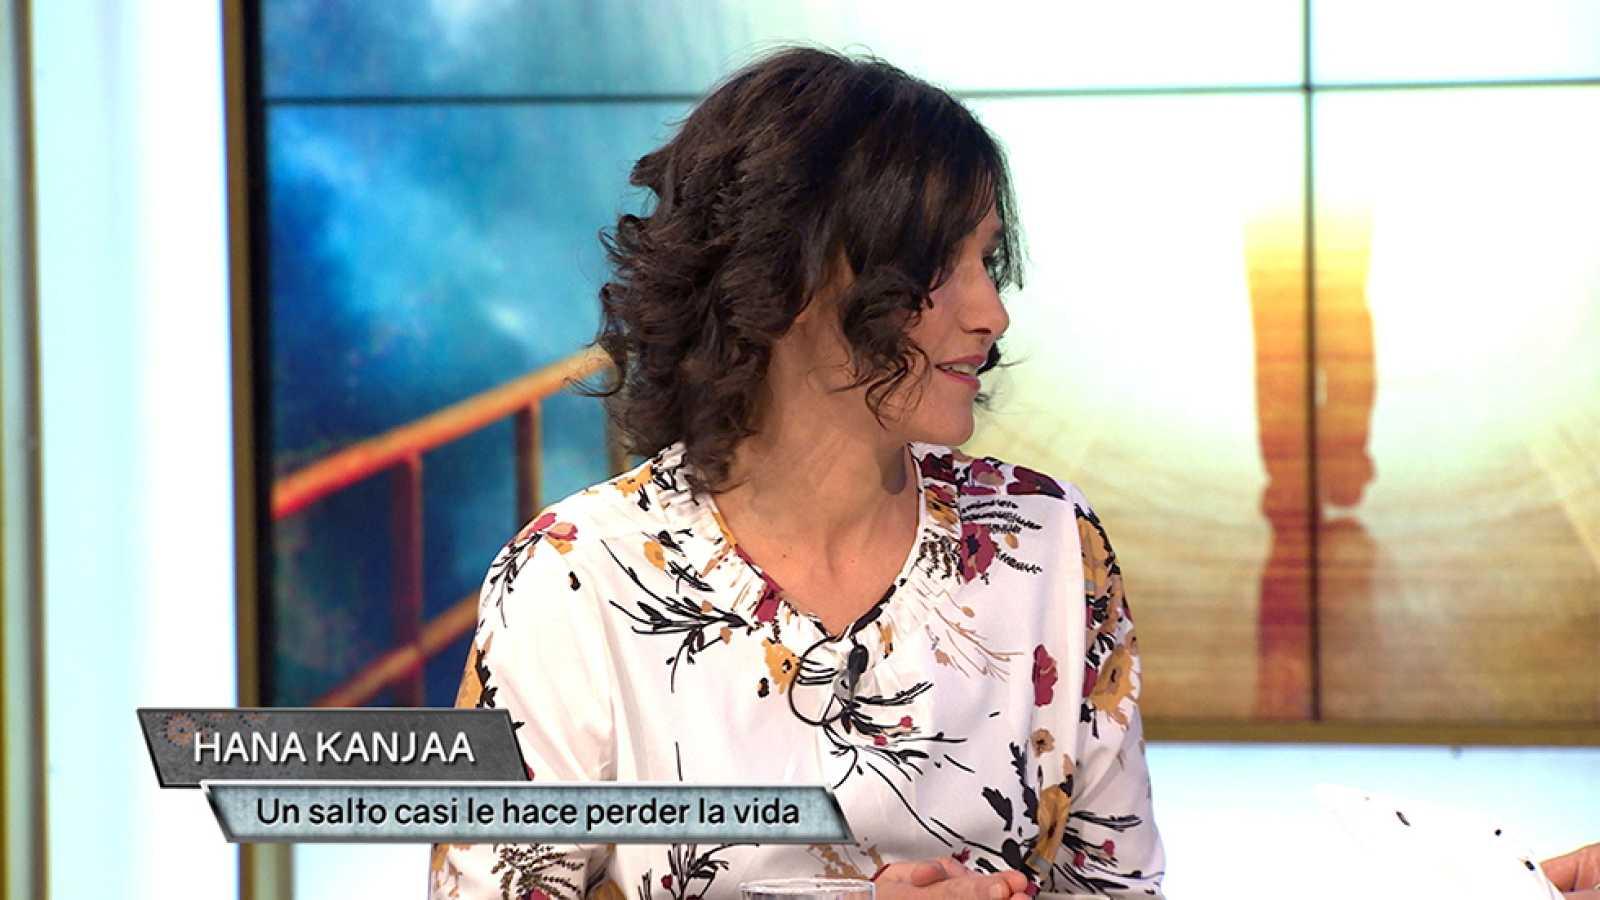 Hana Kanjaa estuvo a punto de perder la vida tras un accidente ...